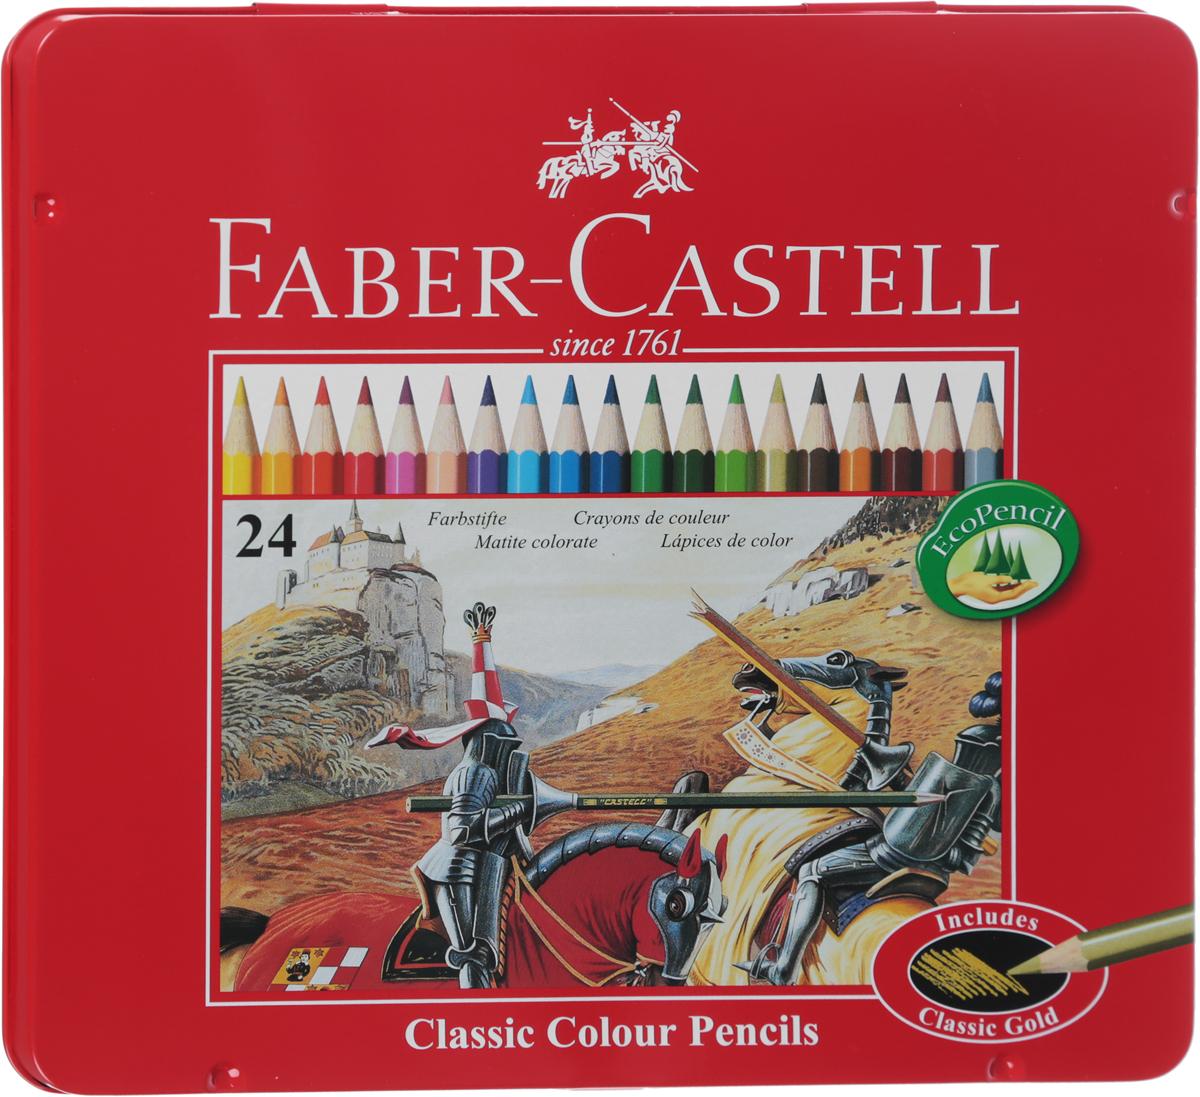 Faber-Castell Набор цветных карандашей Рыцарь 24 цветаFC115845В наборе Faber-Castell 24 цветных шестигранных карандаша, не требующих сильного нажатия. Карандаши обладают яркими цветами, безопасны при использовании по назначению, легко затачиваются, изготовлены из высококачественной древесины, имеют прочный грифель.